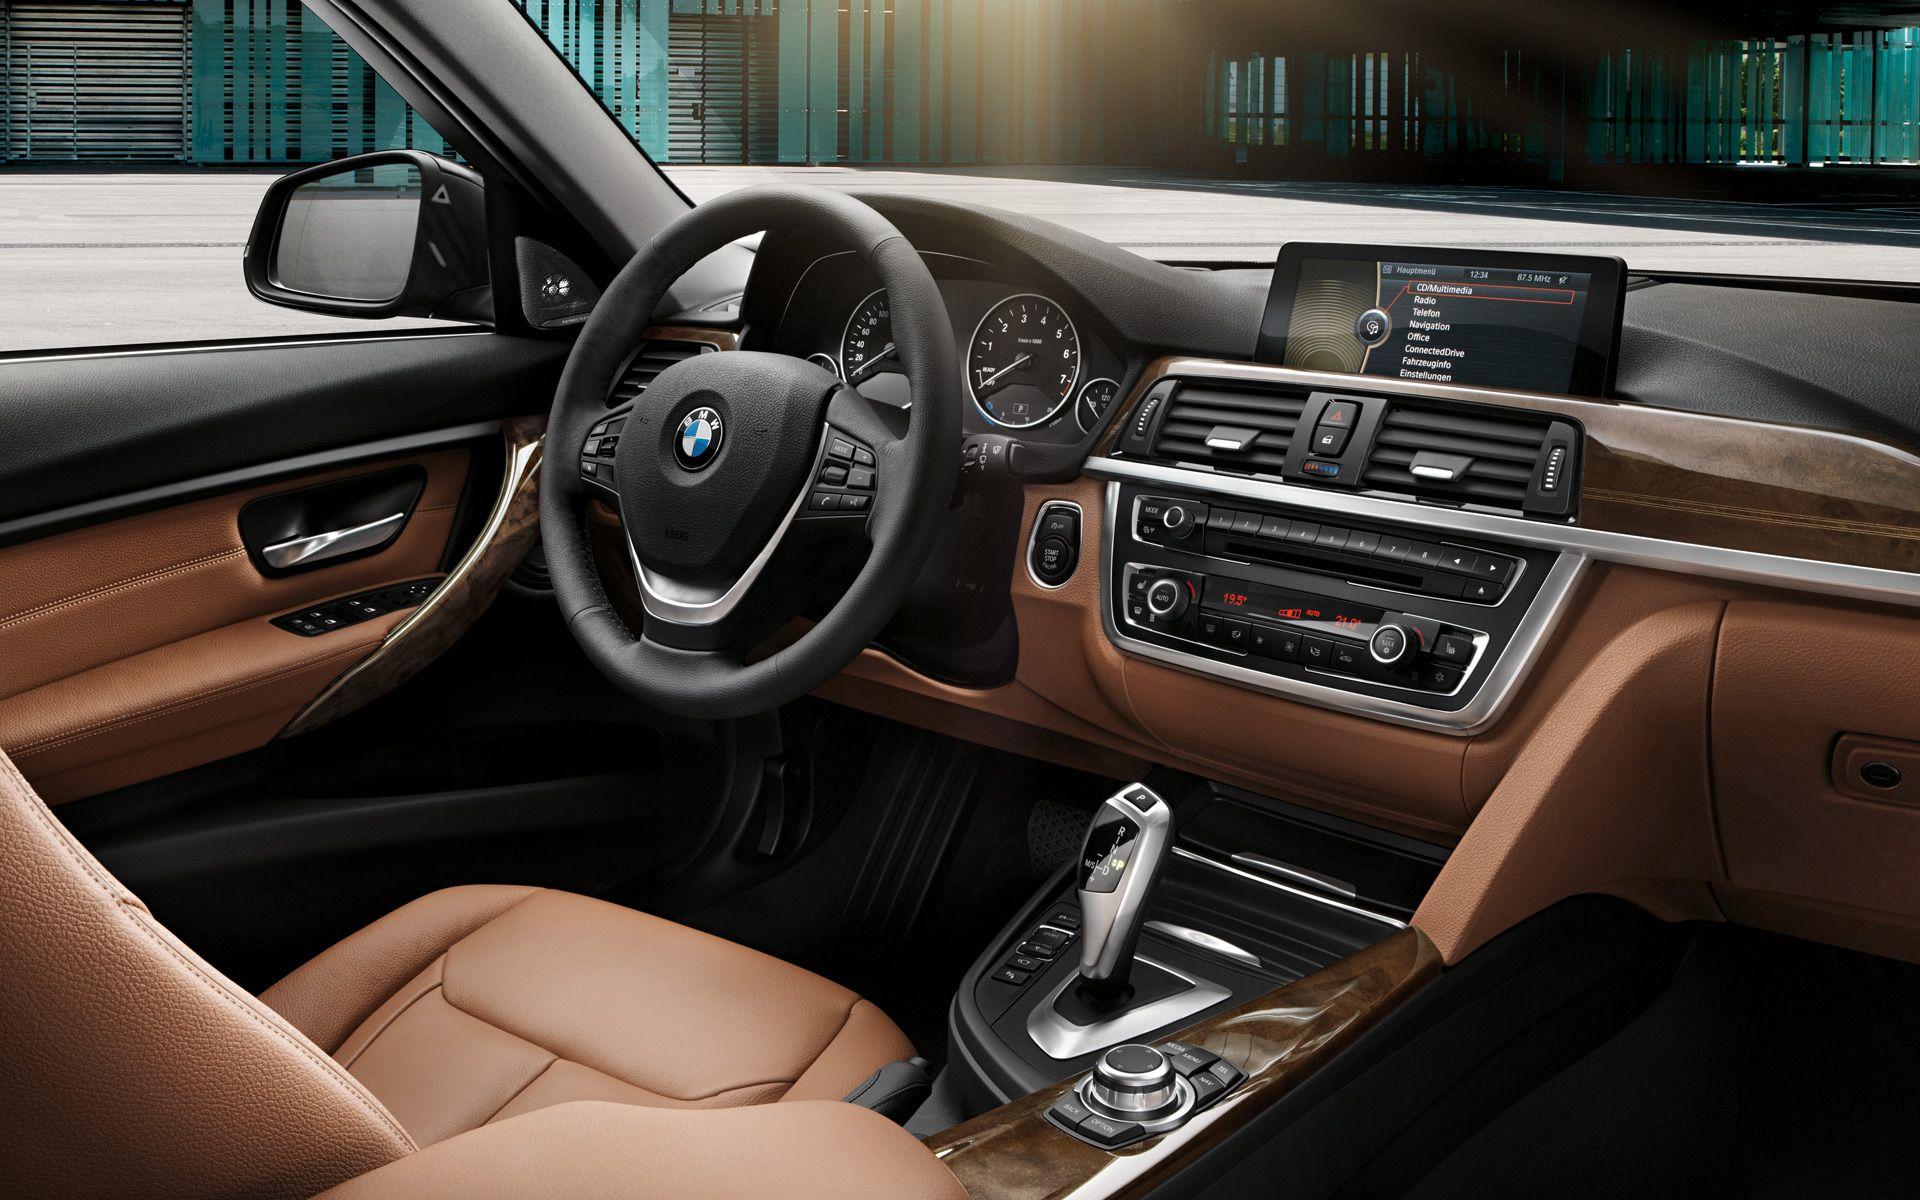 BMW I Luxury Vision Board Some Things Dream Car - 2013 bmw 325i